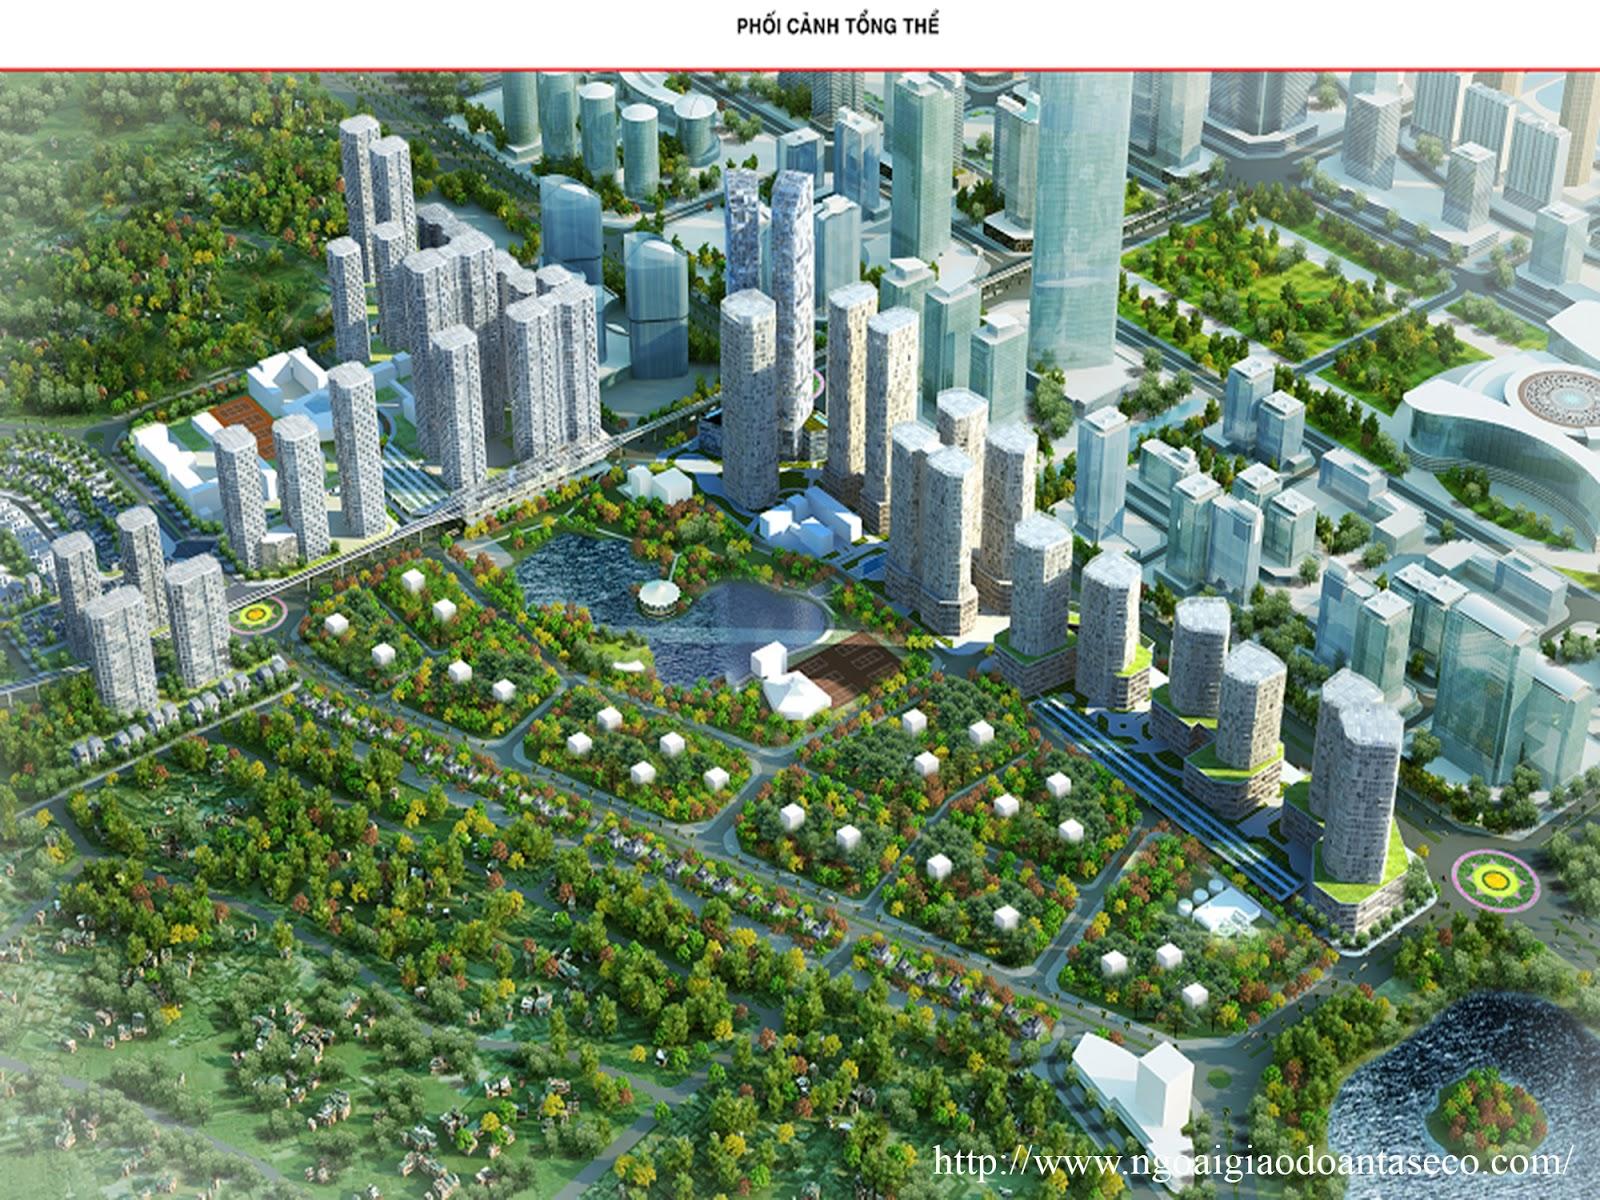 Giới thiệu dự án Ngoại Giao Đoàn - Khu đô thị Ngoại Giao Đoàn Hà Nội